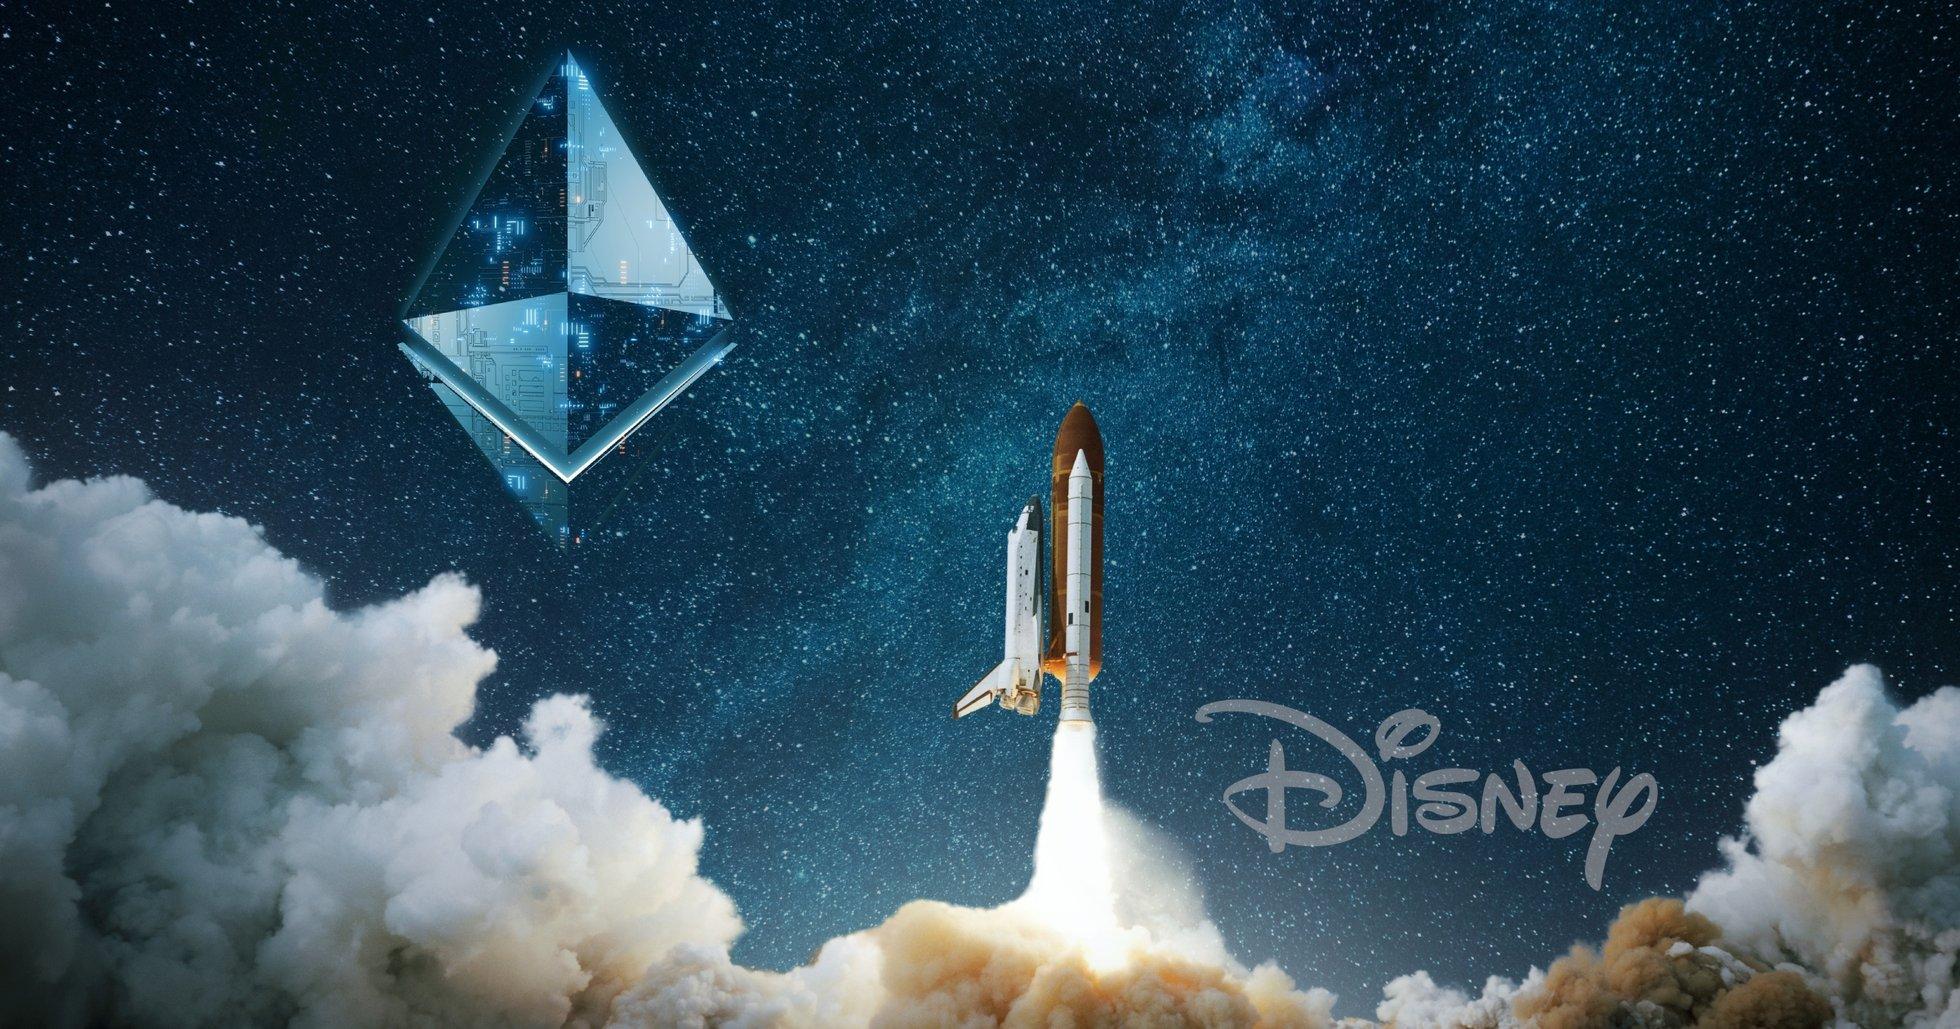 Priset på ethereum passerar 3 000 dollar – har högre marknadsvärde än Disney